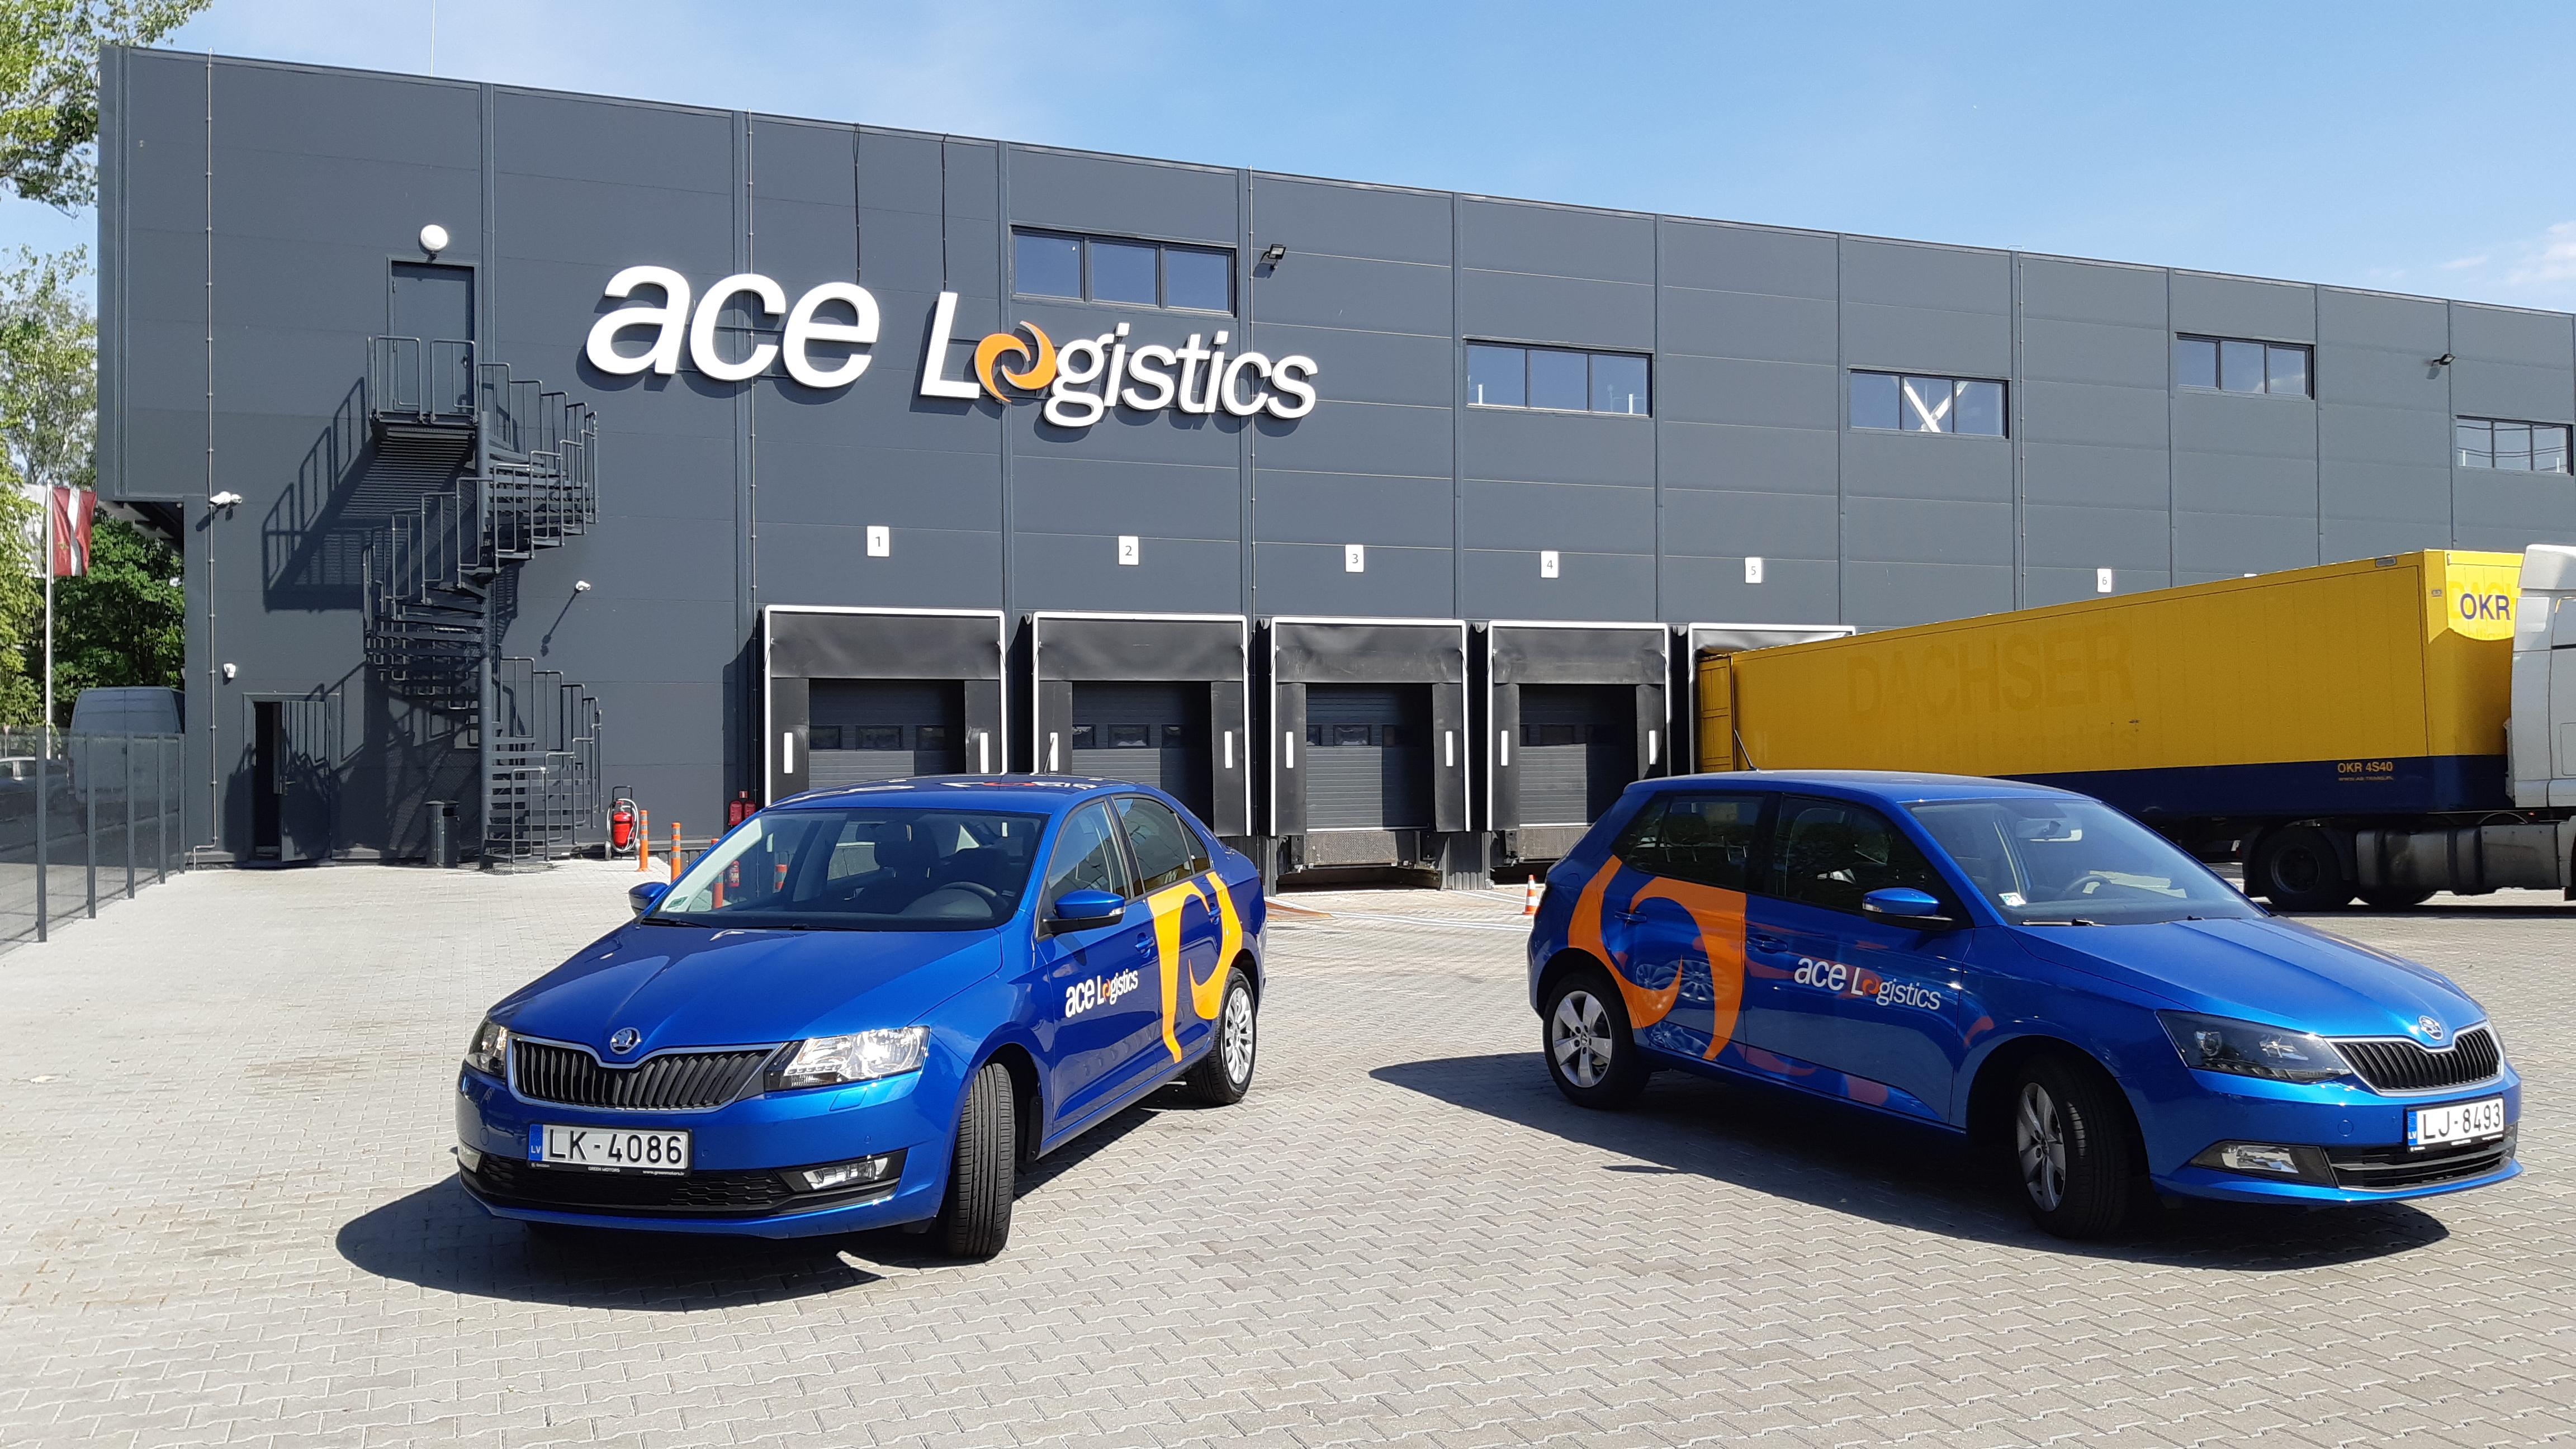 ace Logistics automašīnas, fonā ofisa ēka